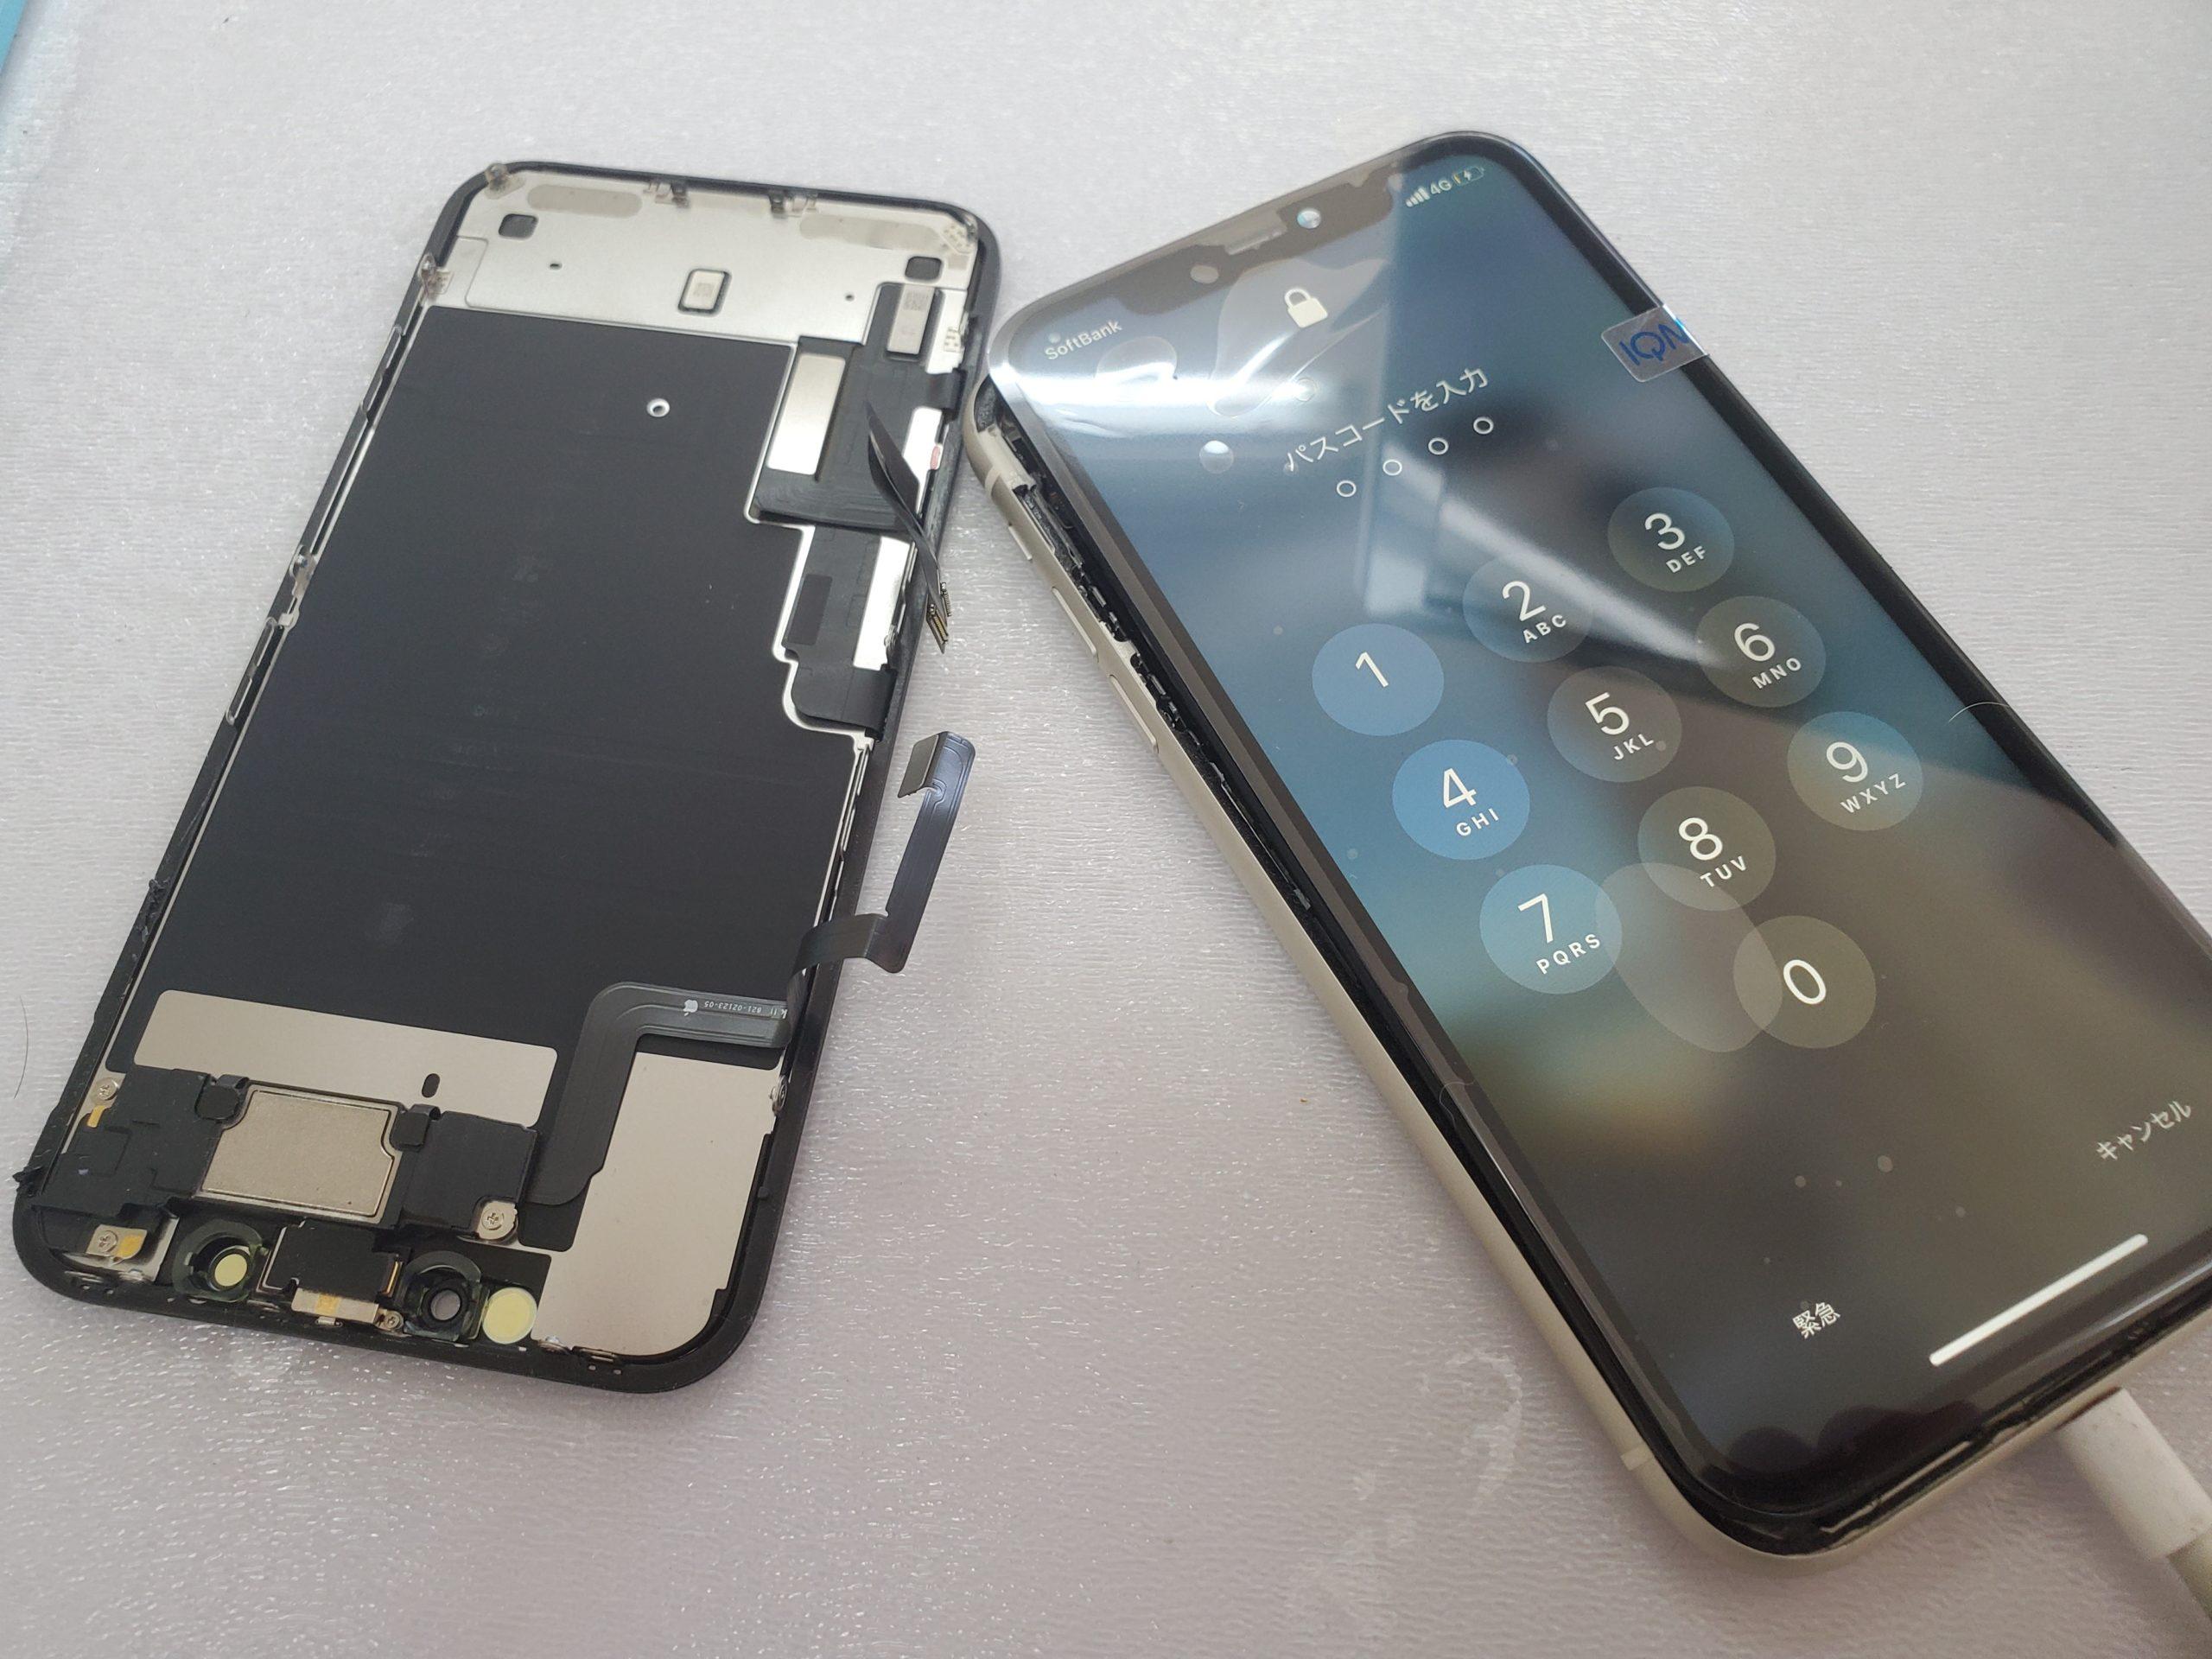 iphone11のアップルループは治るの?